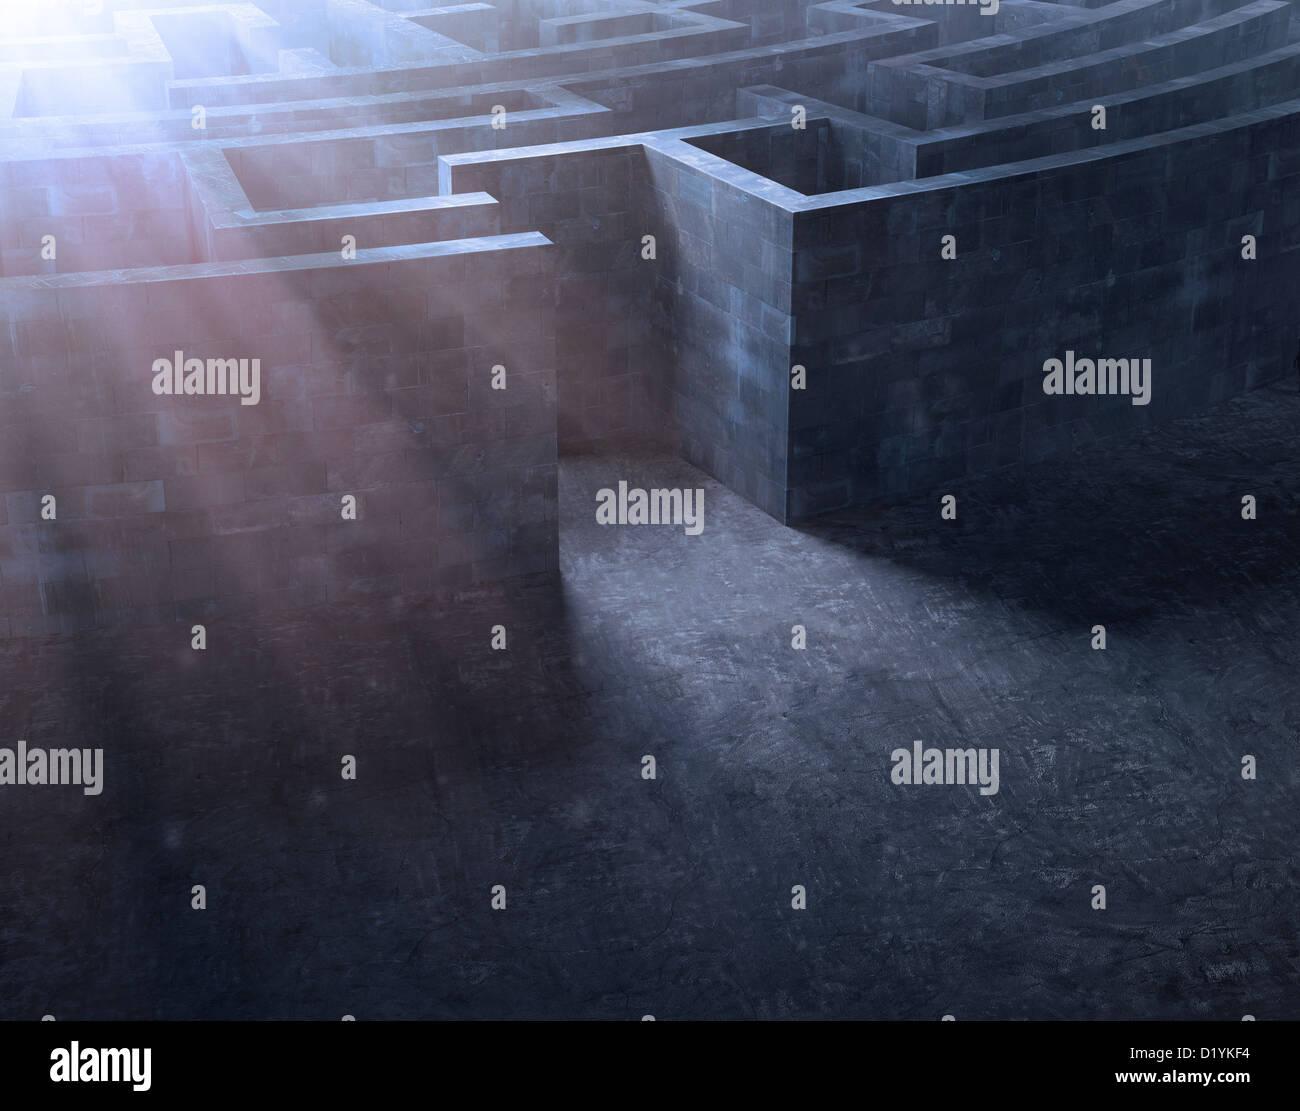 Eintritt in ein geheimnisvolles Labyrinth Stockbild